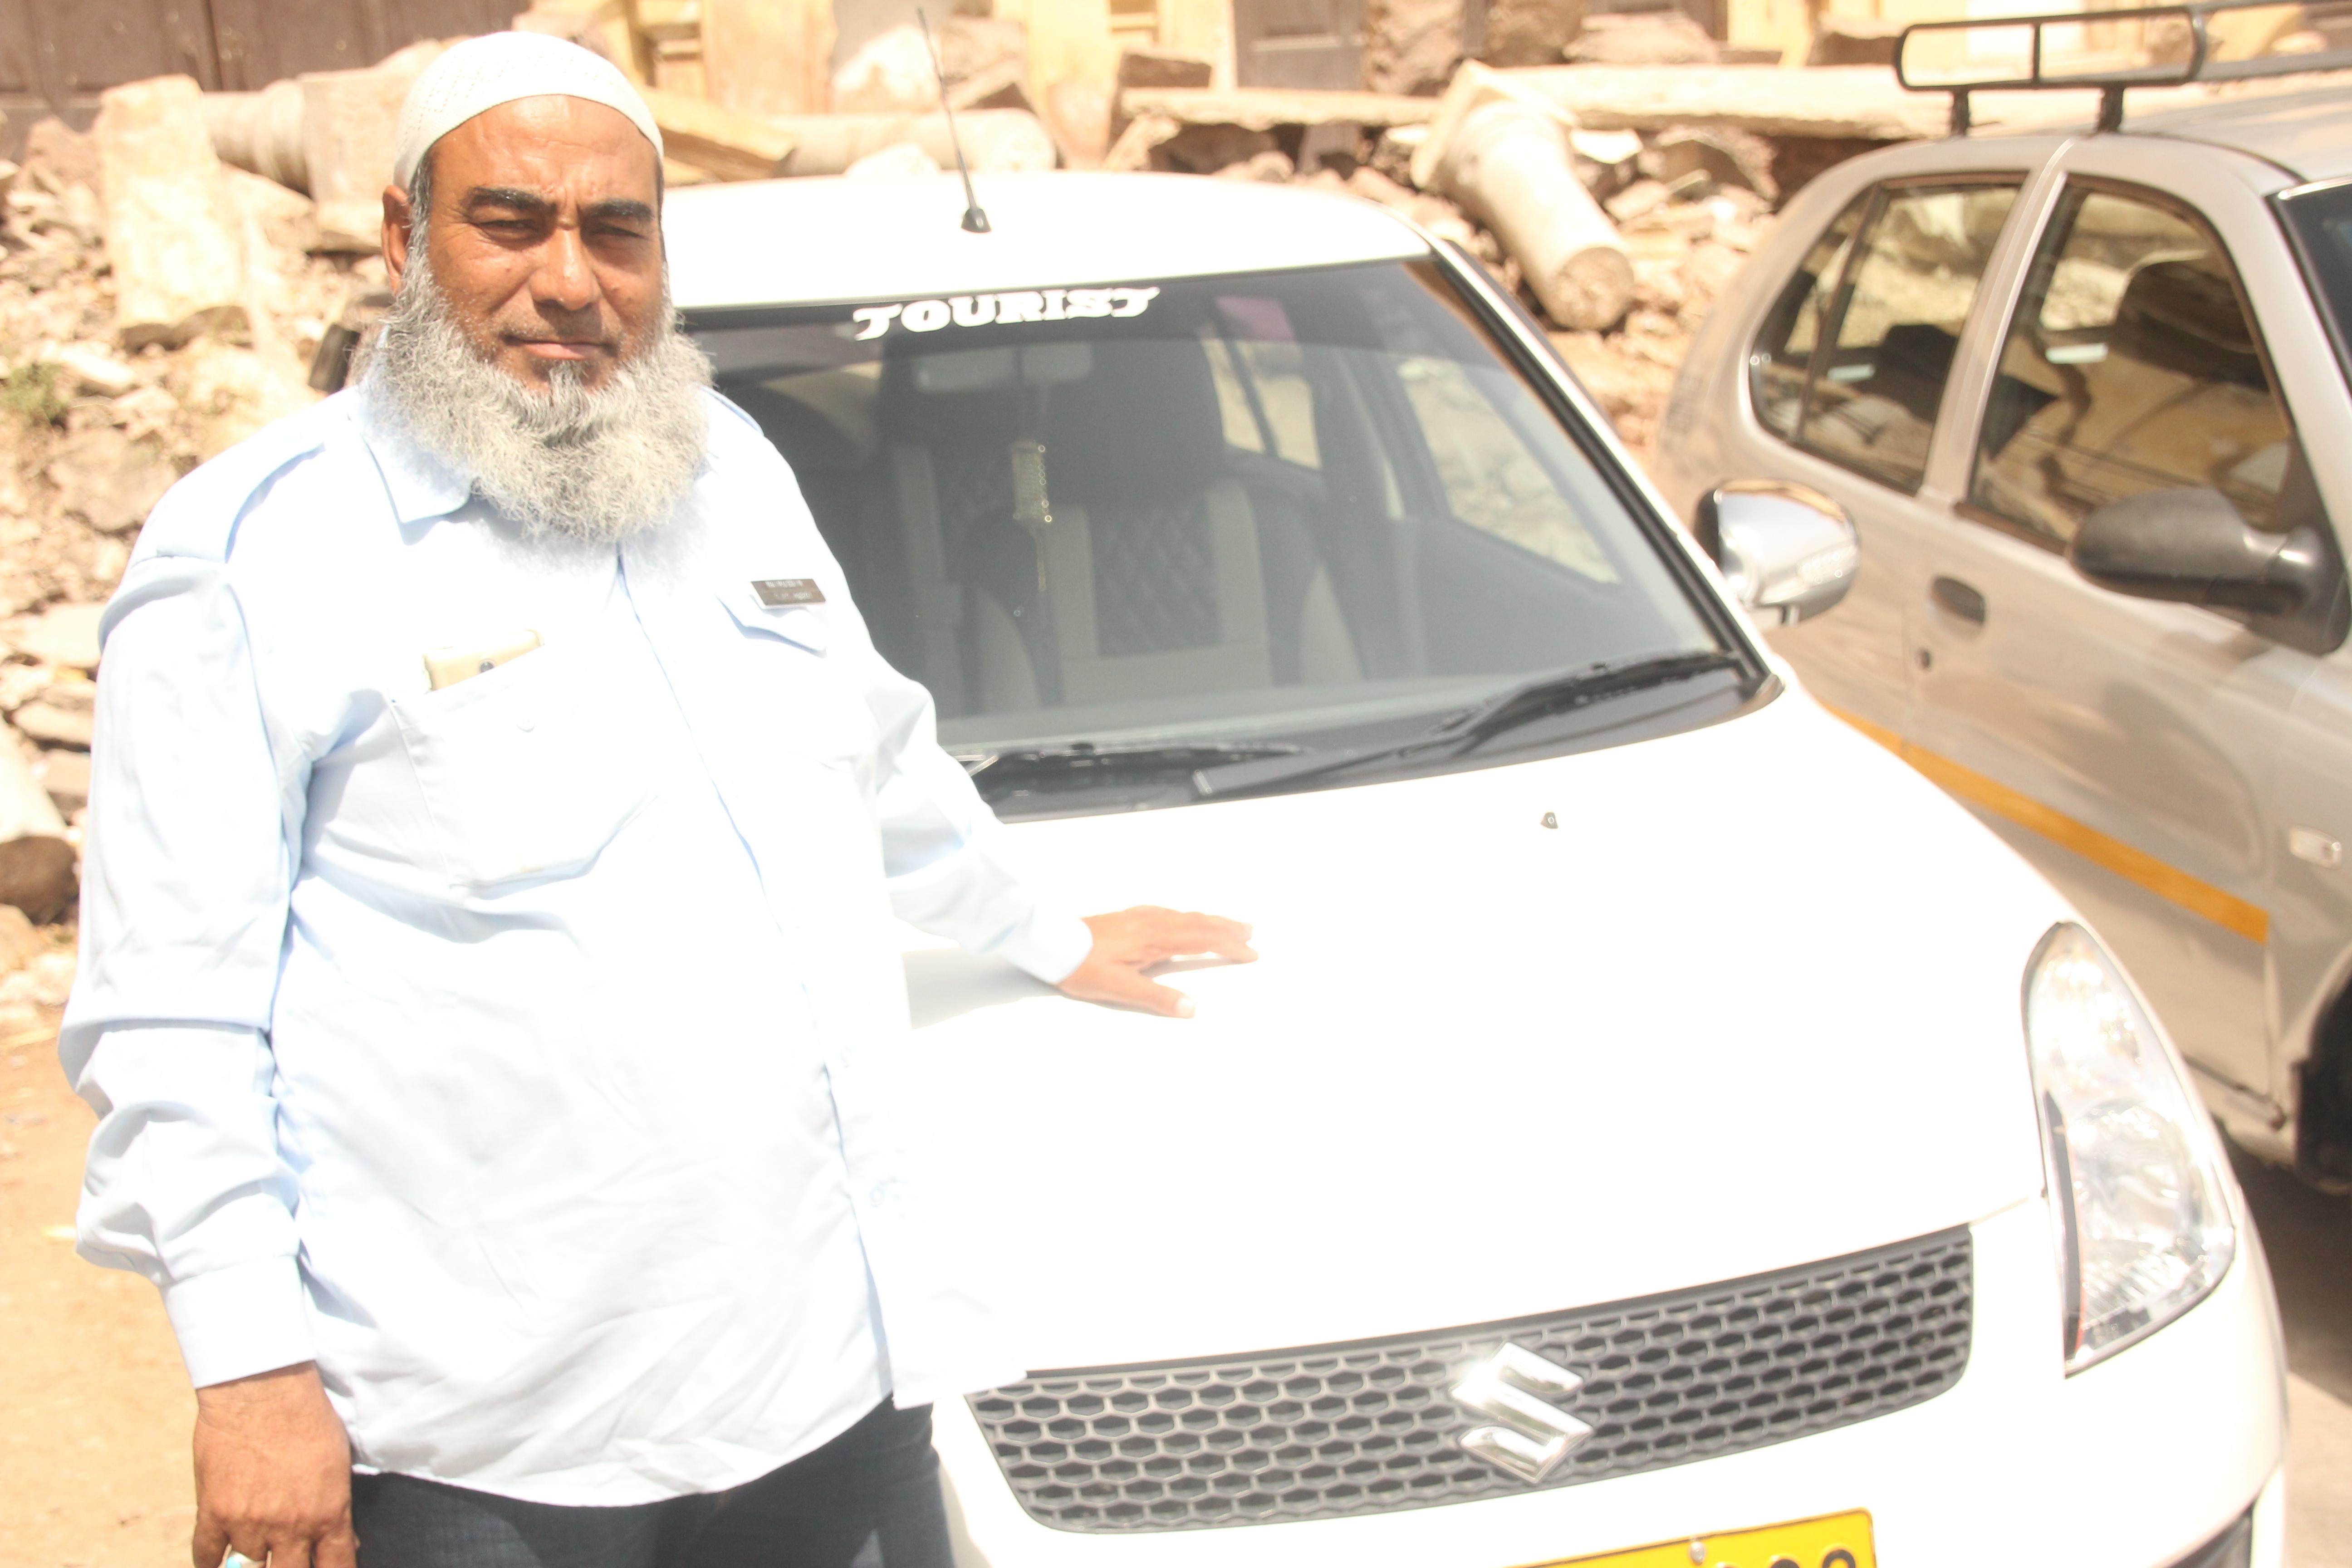 Nasz przemiły kierowca po Jaipurze (zdj. Krzysztof Bońkowski)